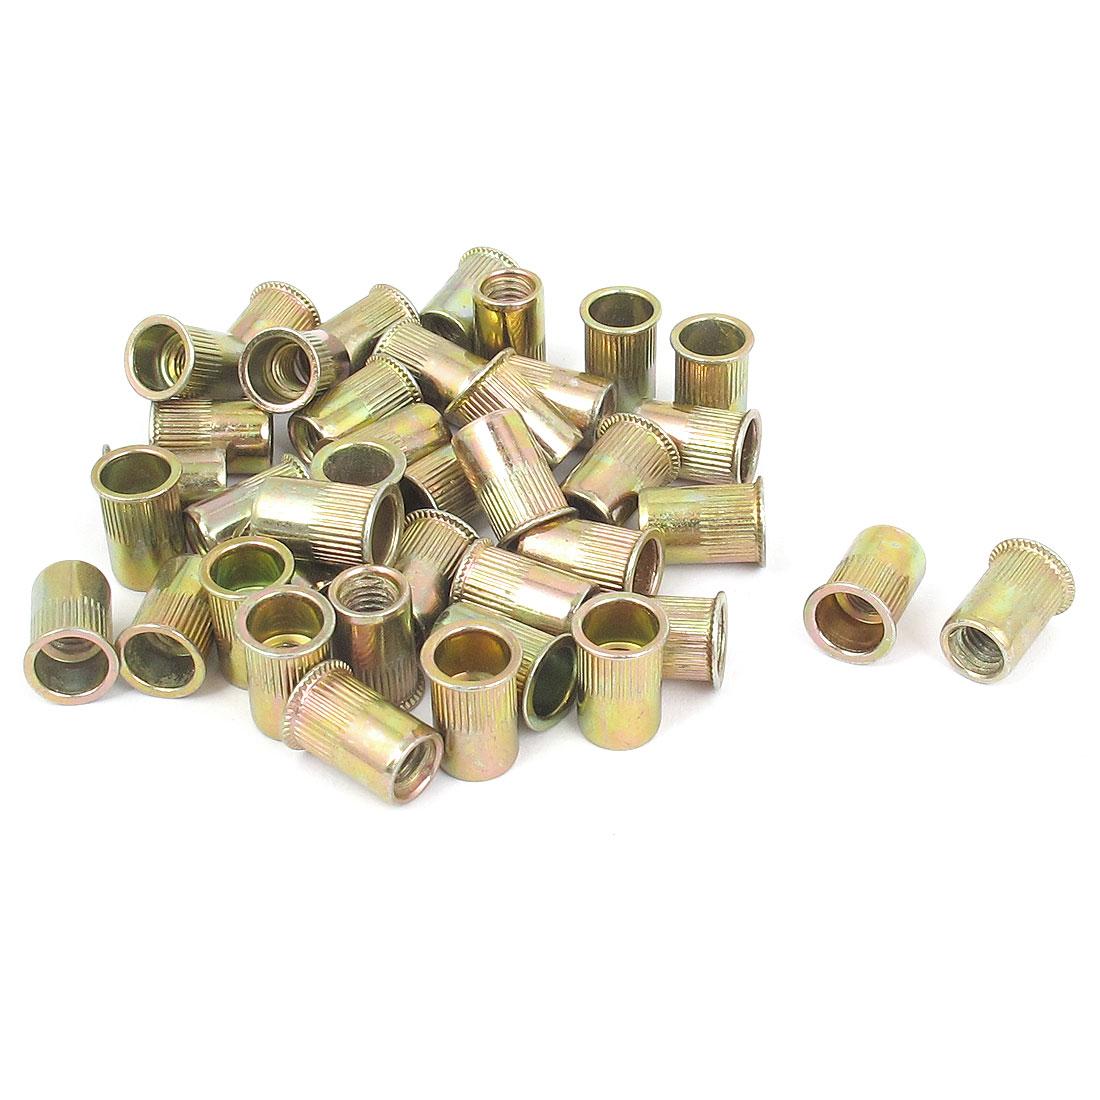 40 Pcs 6mm Thread Dia Zinc Plated Rivet Nut Insert Nutsert Brass Tone